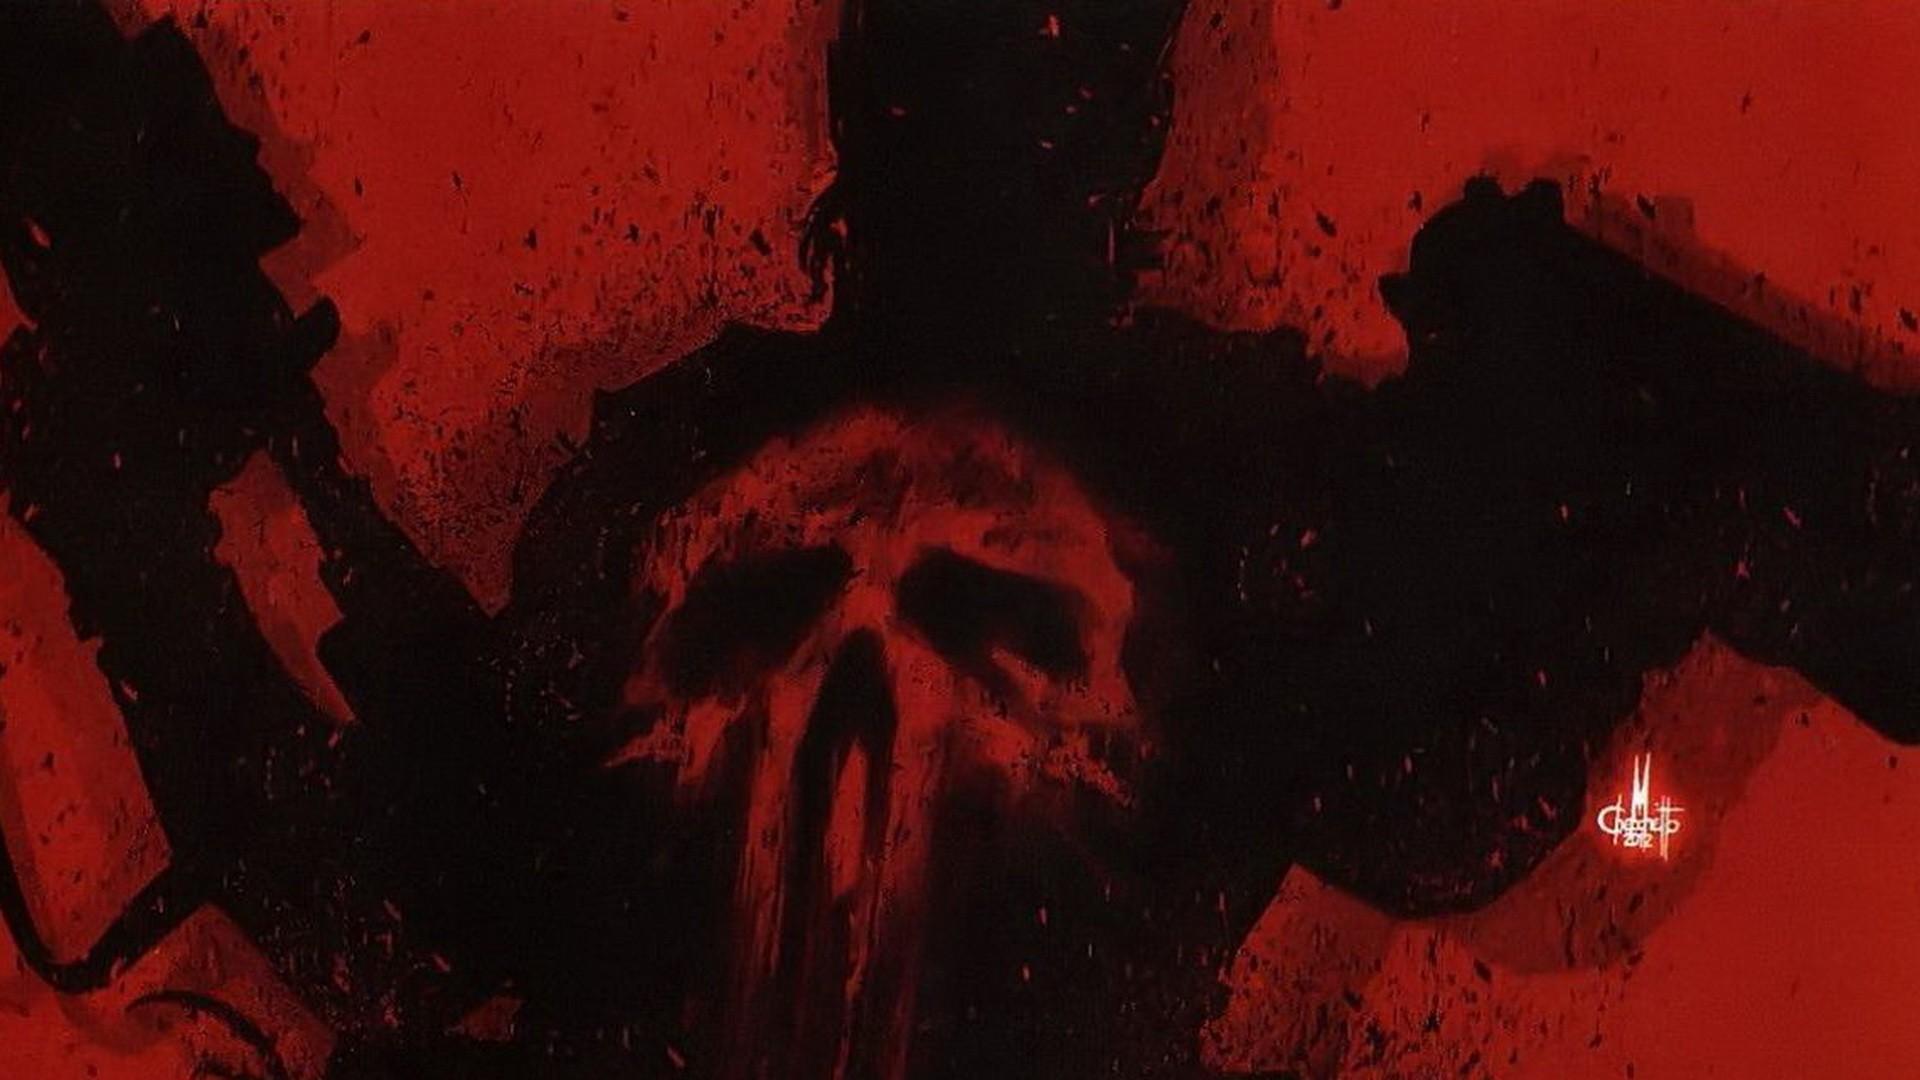 Cool Wallpaper Marvel Punisher - 260d87c8f631f47ff9ba71baf3203166  Picture_799660.jpg